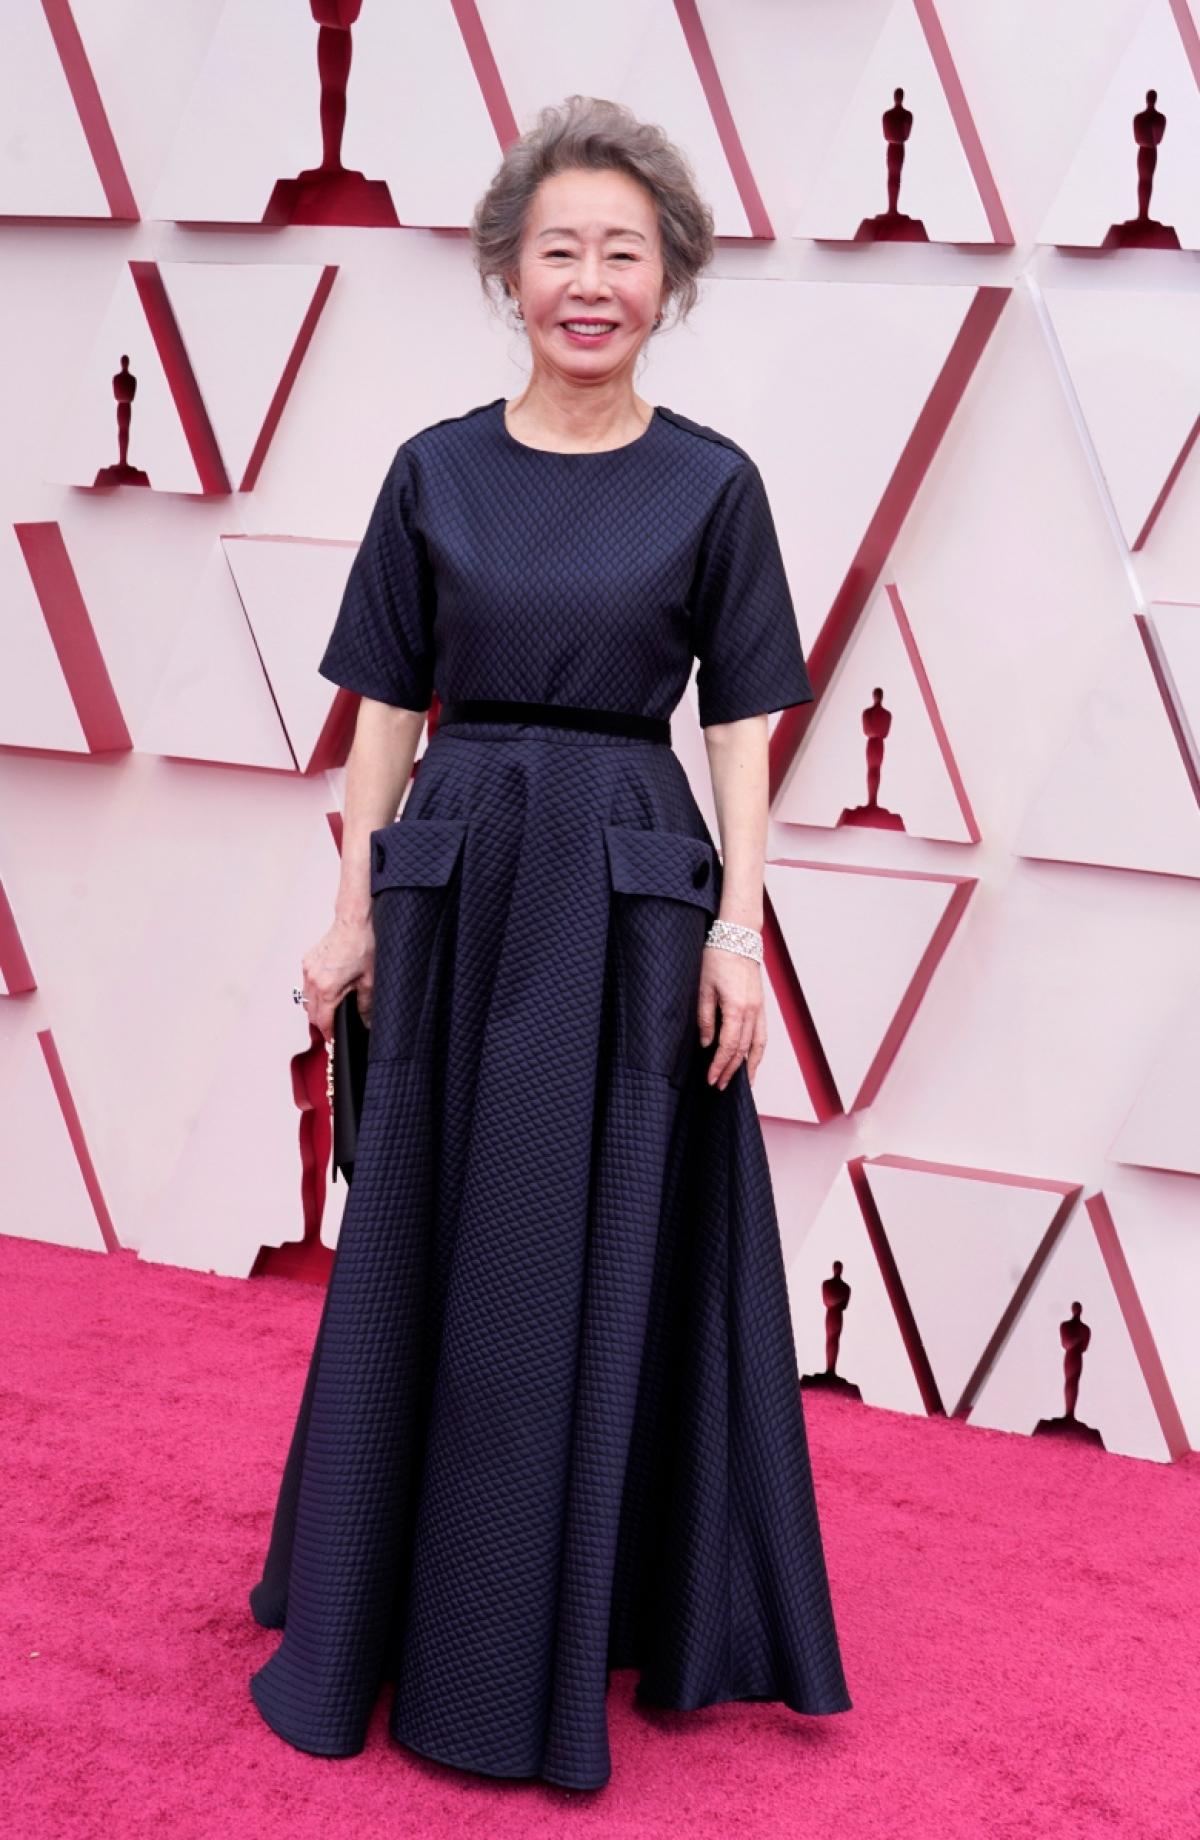 """Huyền thoại diễn xuất Yuh Youn Jung đã bay từ Hàn Quốc sang Mỹ để tham dự lễ trao giải Oscar lần thứ 93. Bà đã làm nên lịch sử cho điện ảnh xứ Kim chi khi là nữ diễn viên đầu tiên nhận được đề cử diễn xuất. Yuh Youn Jung được dự đoán sẽ giành chiến thắng ở hạng mục """"Nữ phụ xuất sắc nhất""""."""